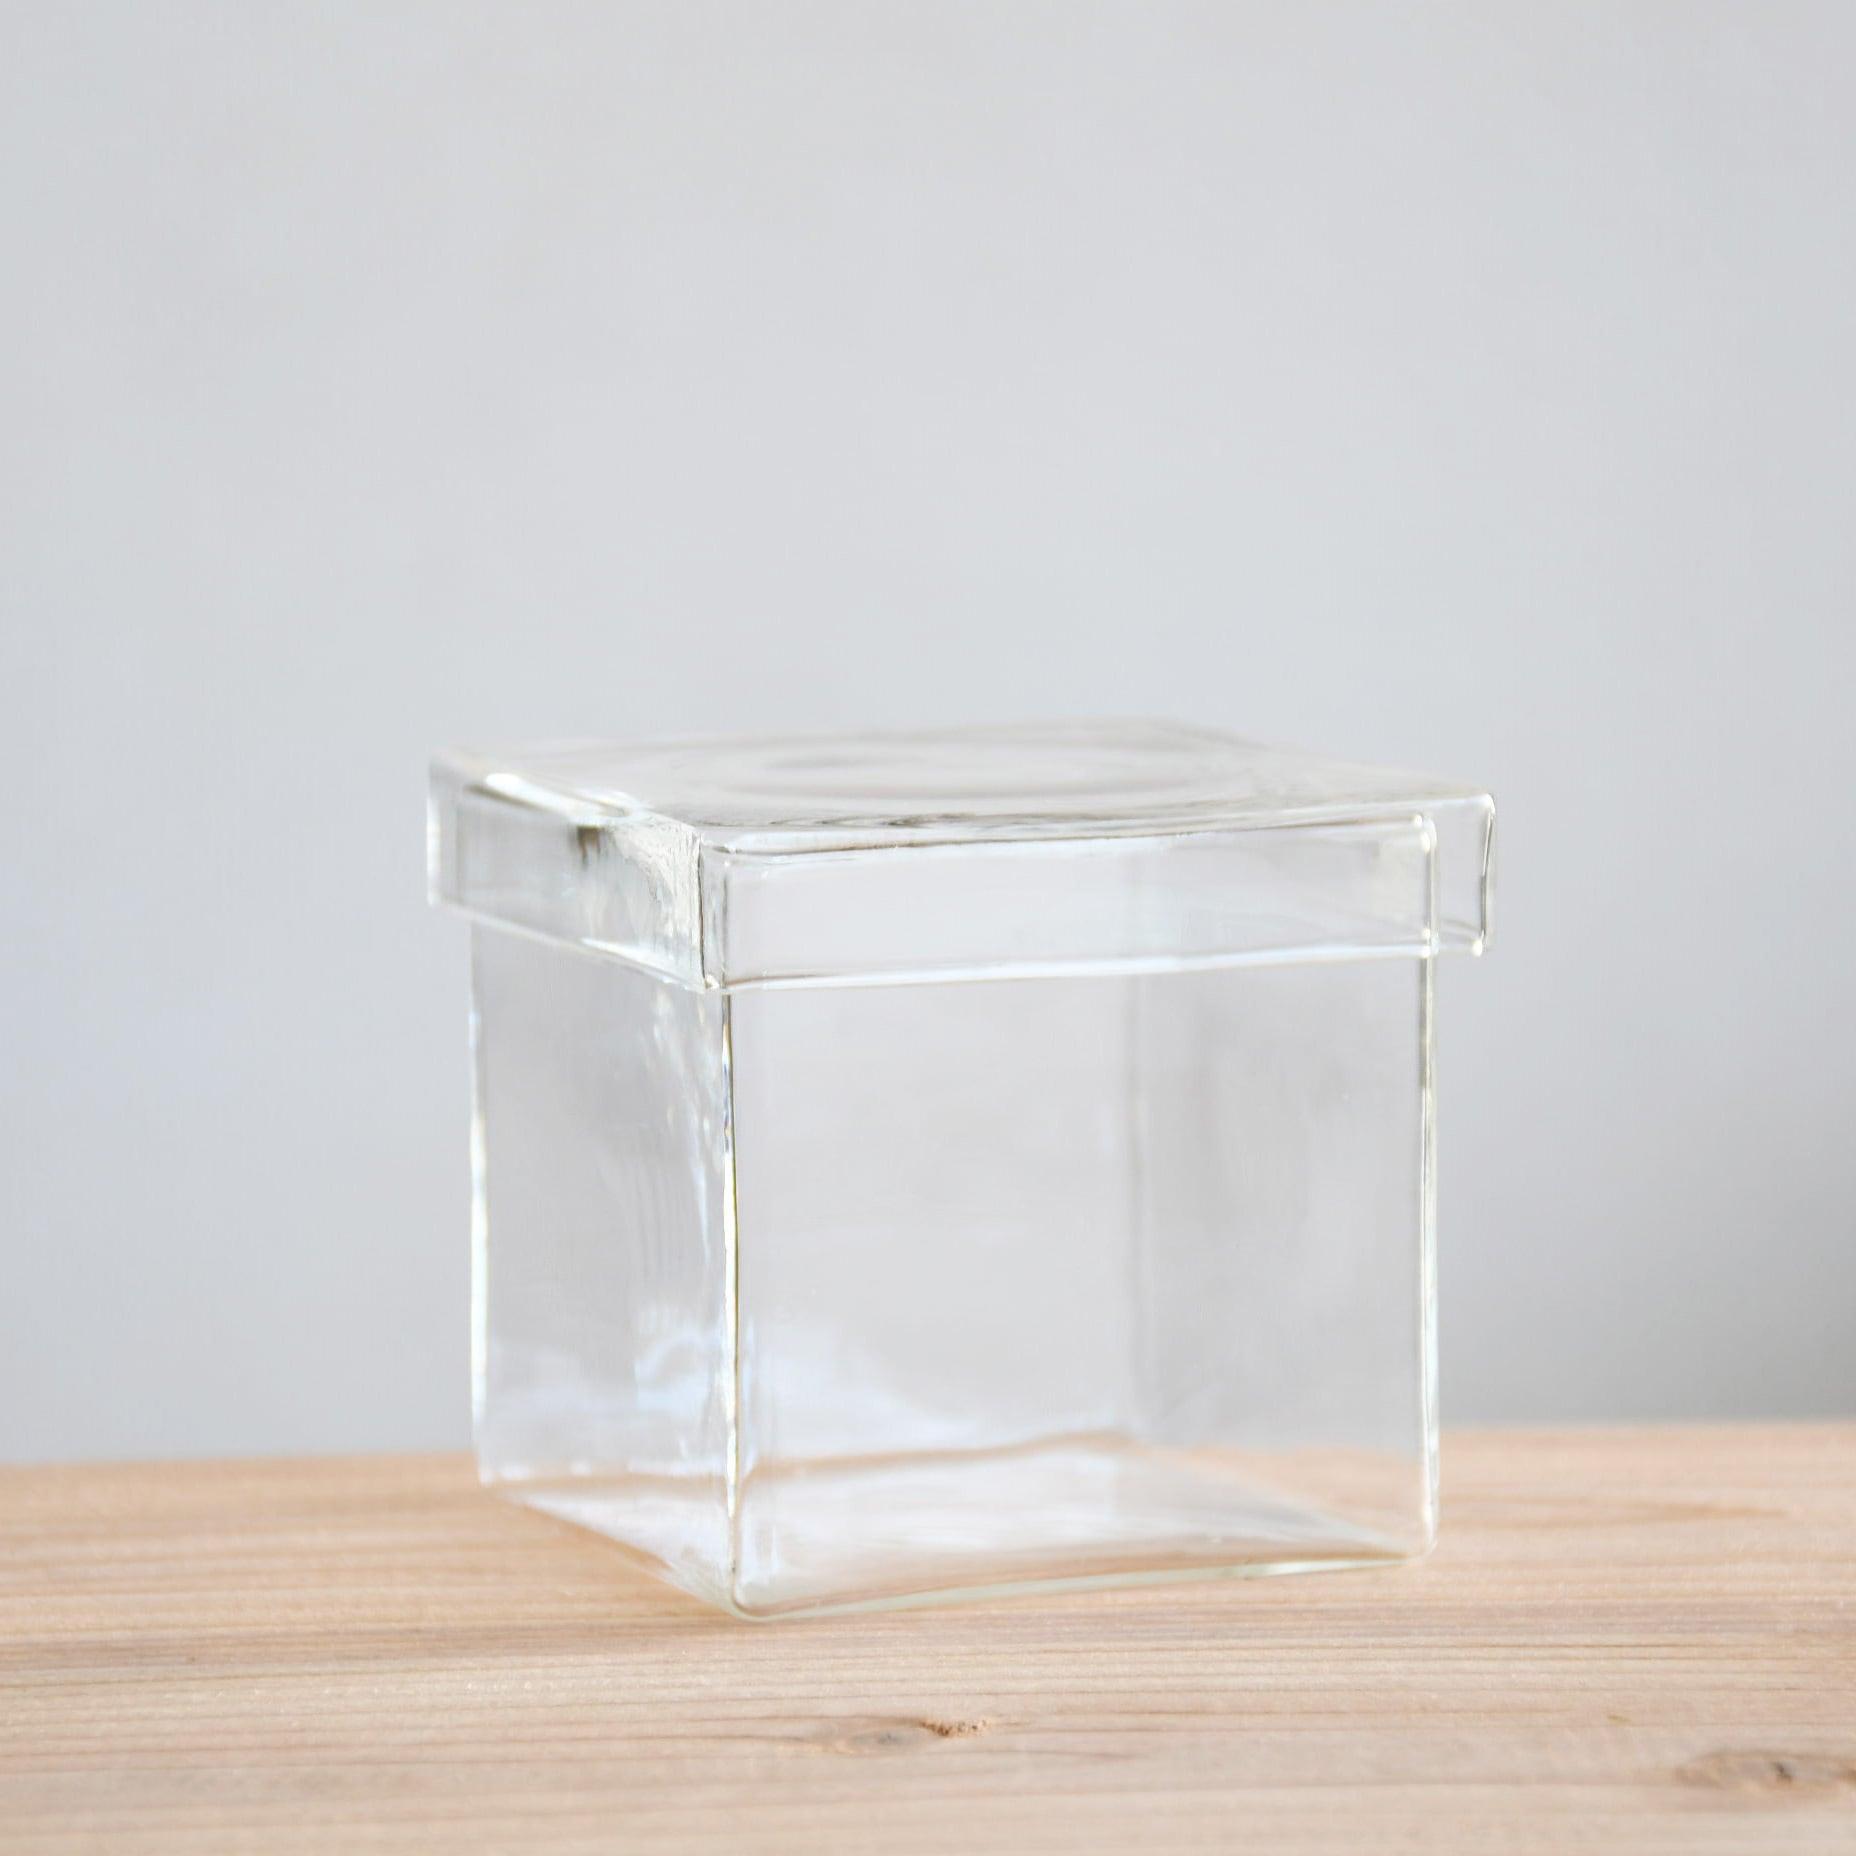 【ガラス容器】BOX M(80x80xh73mm)◆初めての苔テラリウム作りにおススメ